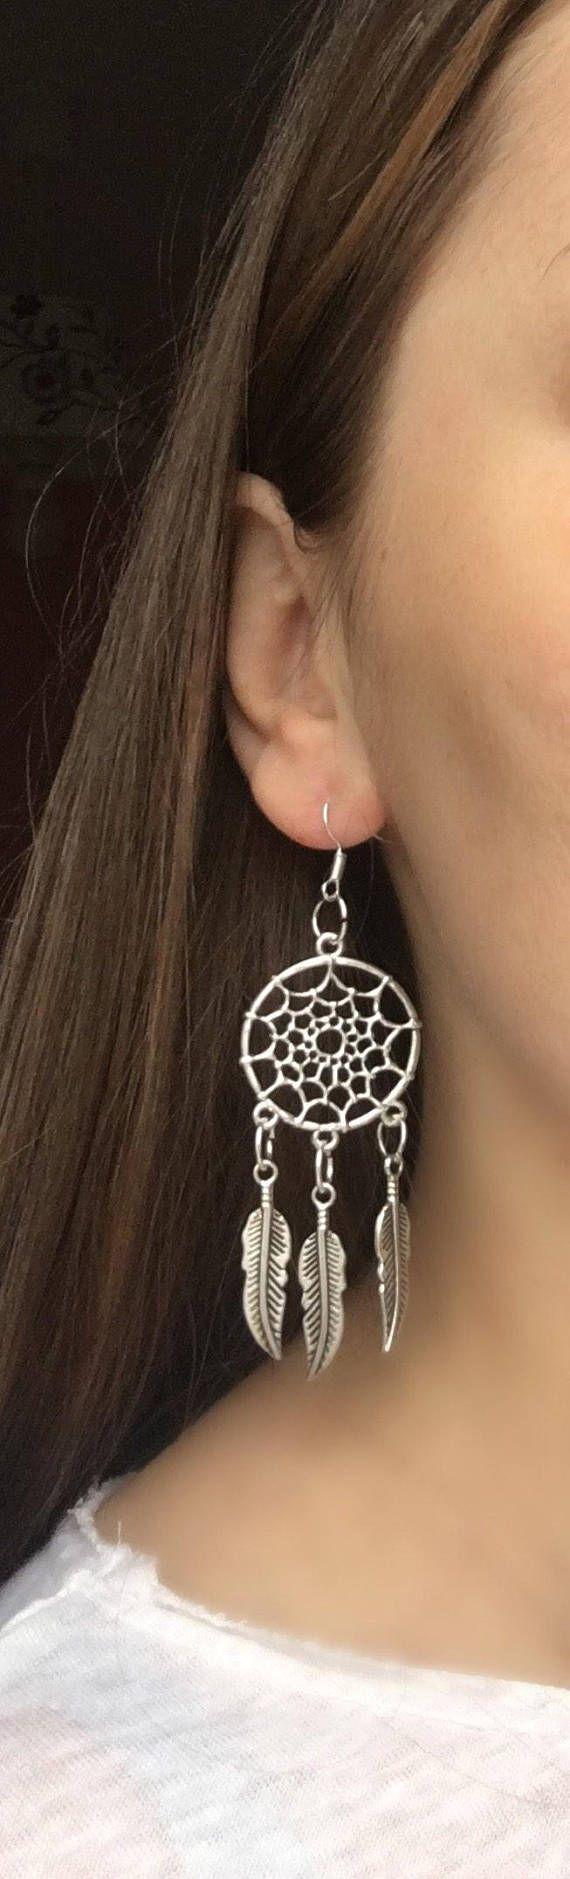 Dream Catcher Earrings Silver Earrings Dreamcatcher